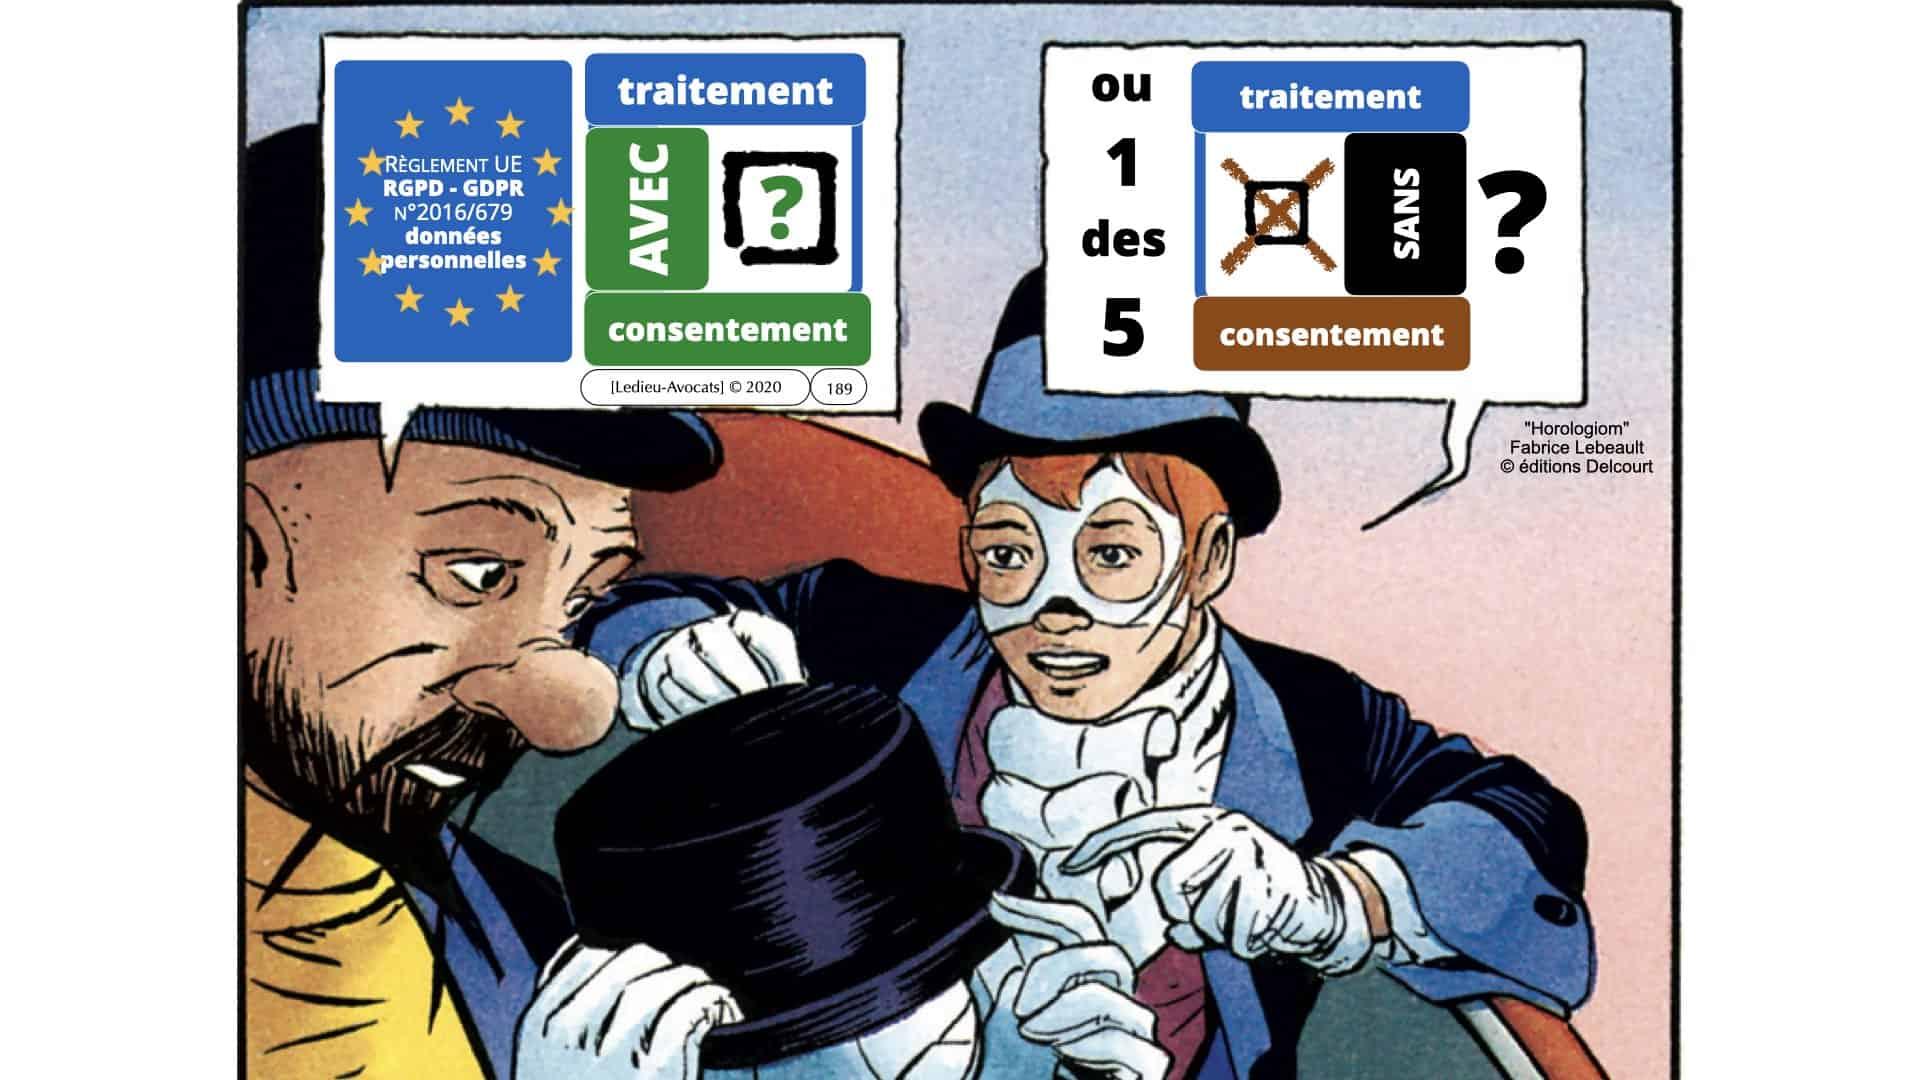 RGPD e-Privacy données personnelles jurisprudence formation Lamy Les Echos 10-02-2021 ©Ledieu-Avocats.189